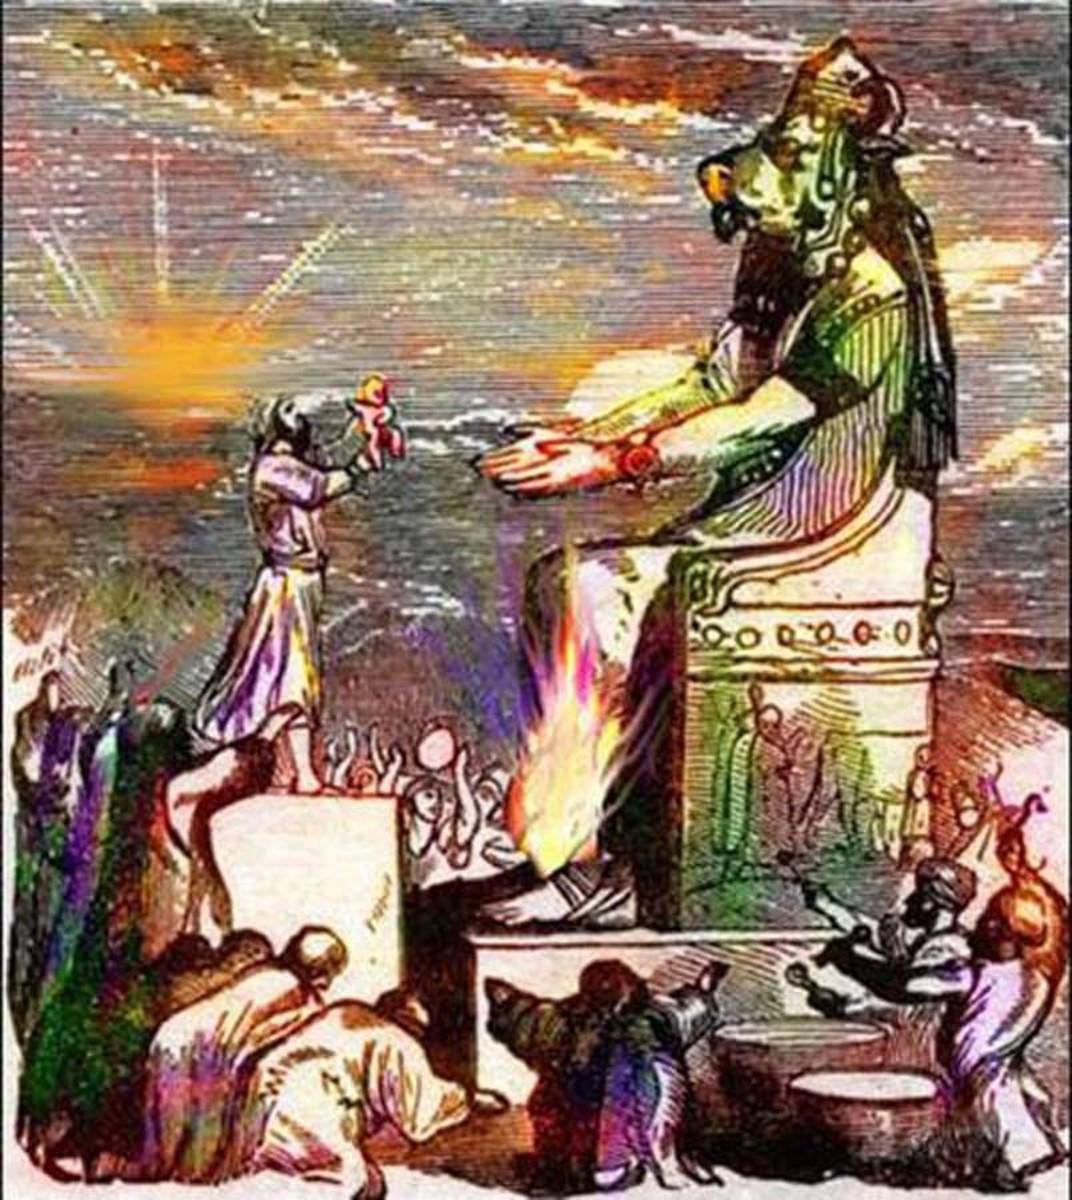 Babies Sacrificed to Baal Moloch in Carthage